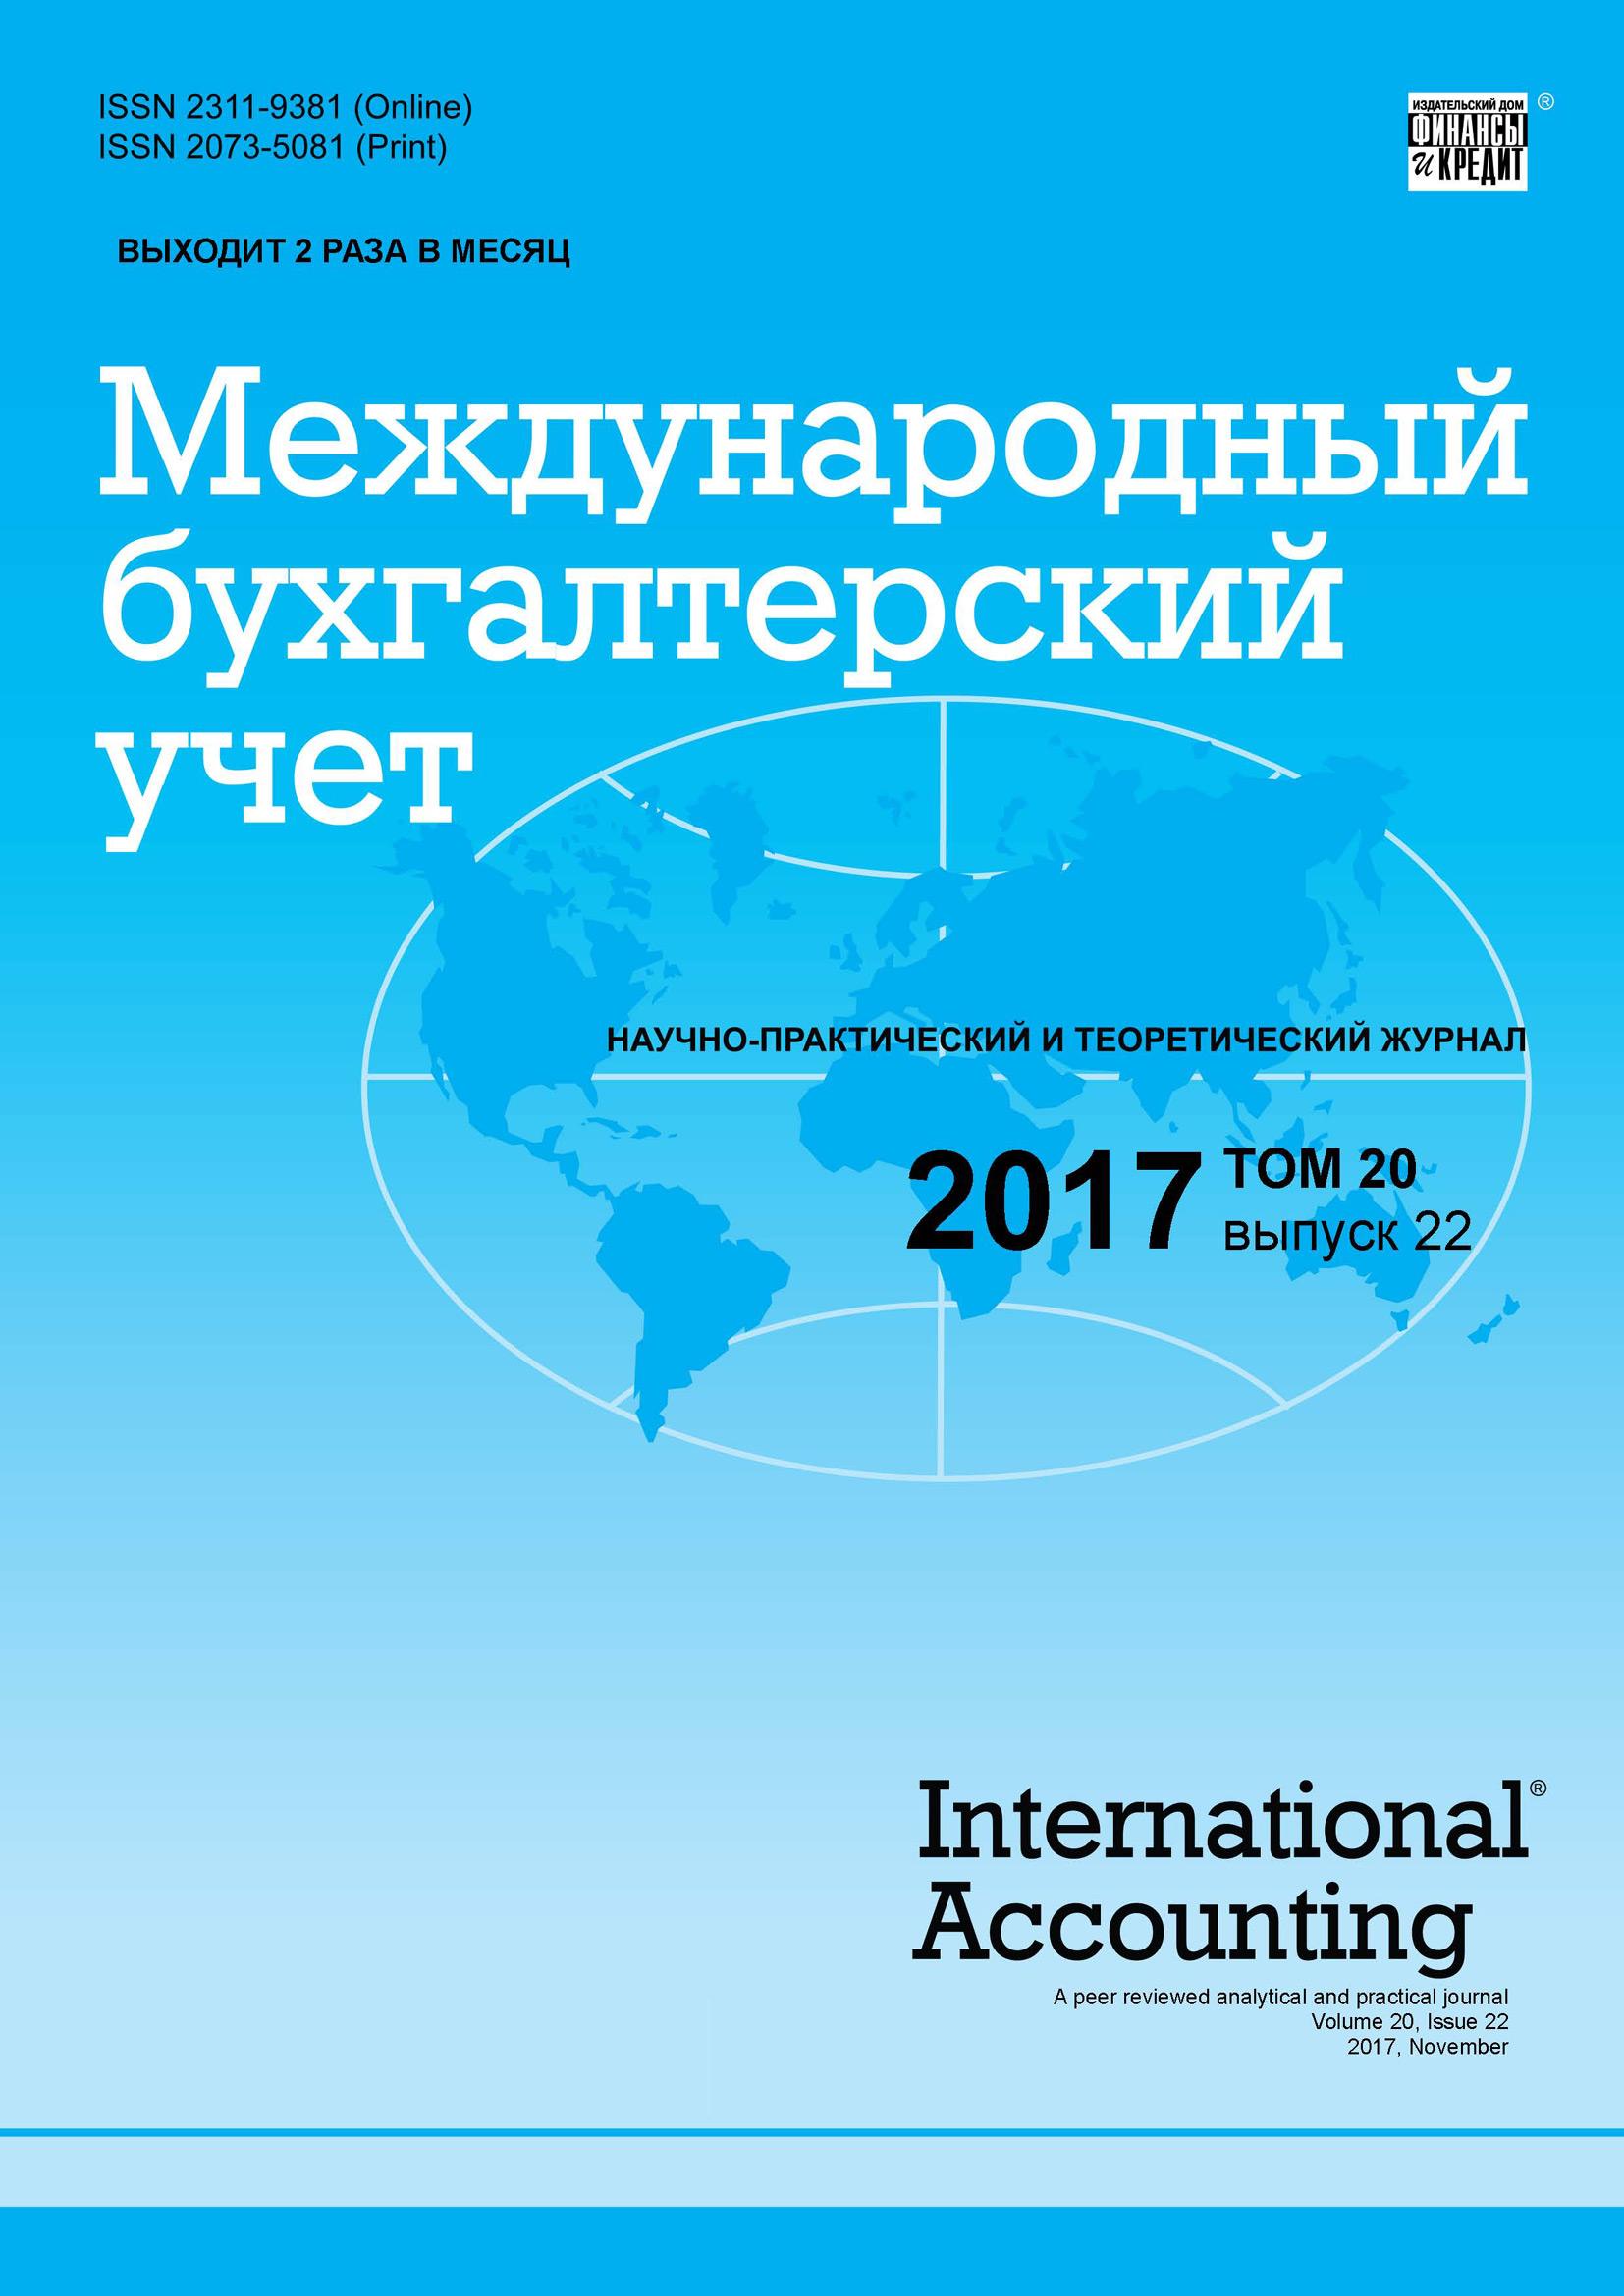 Международный бухгалтерский учет № 22 2017